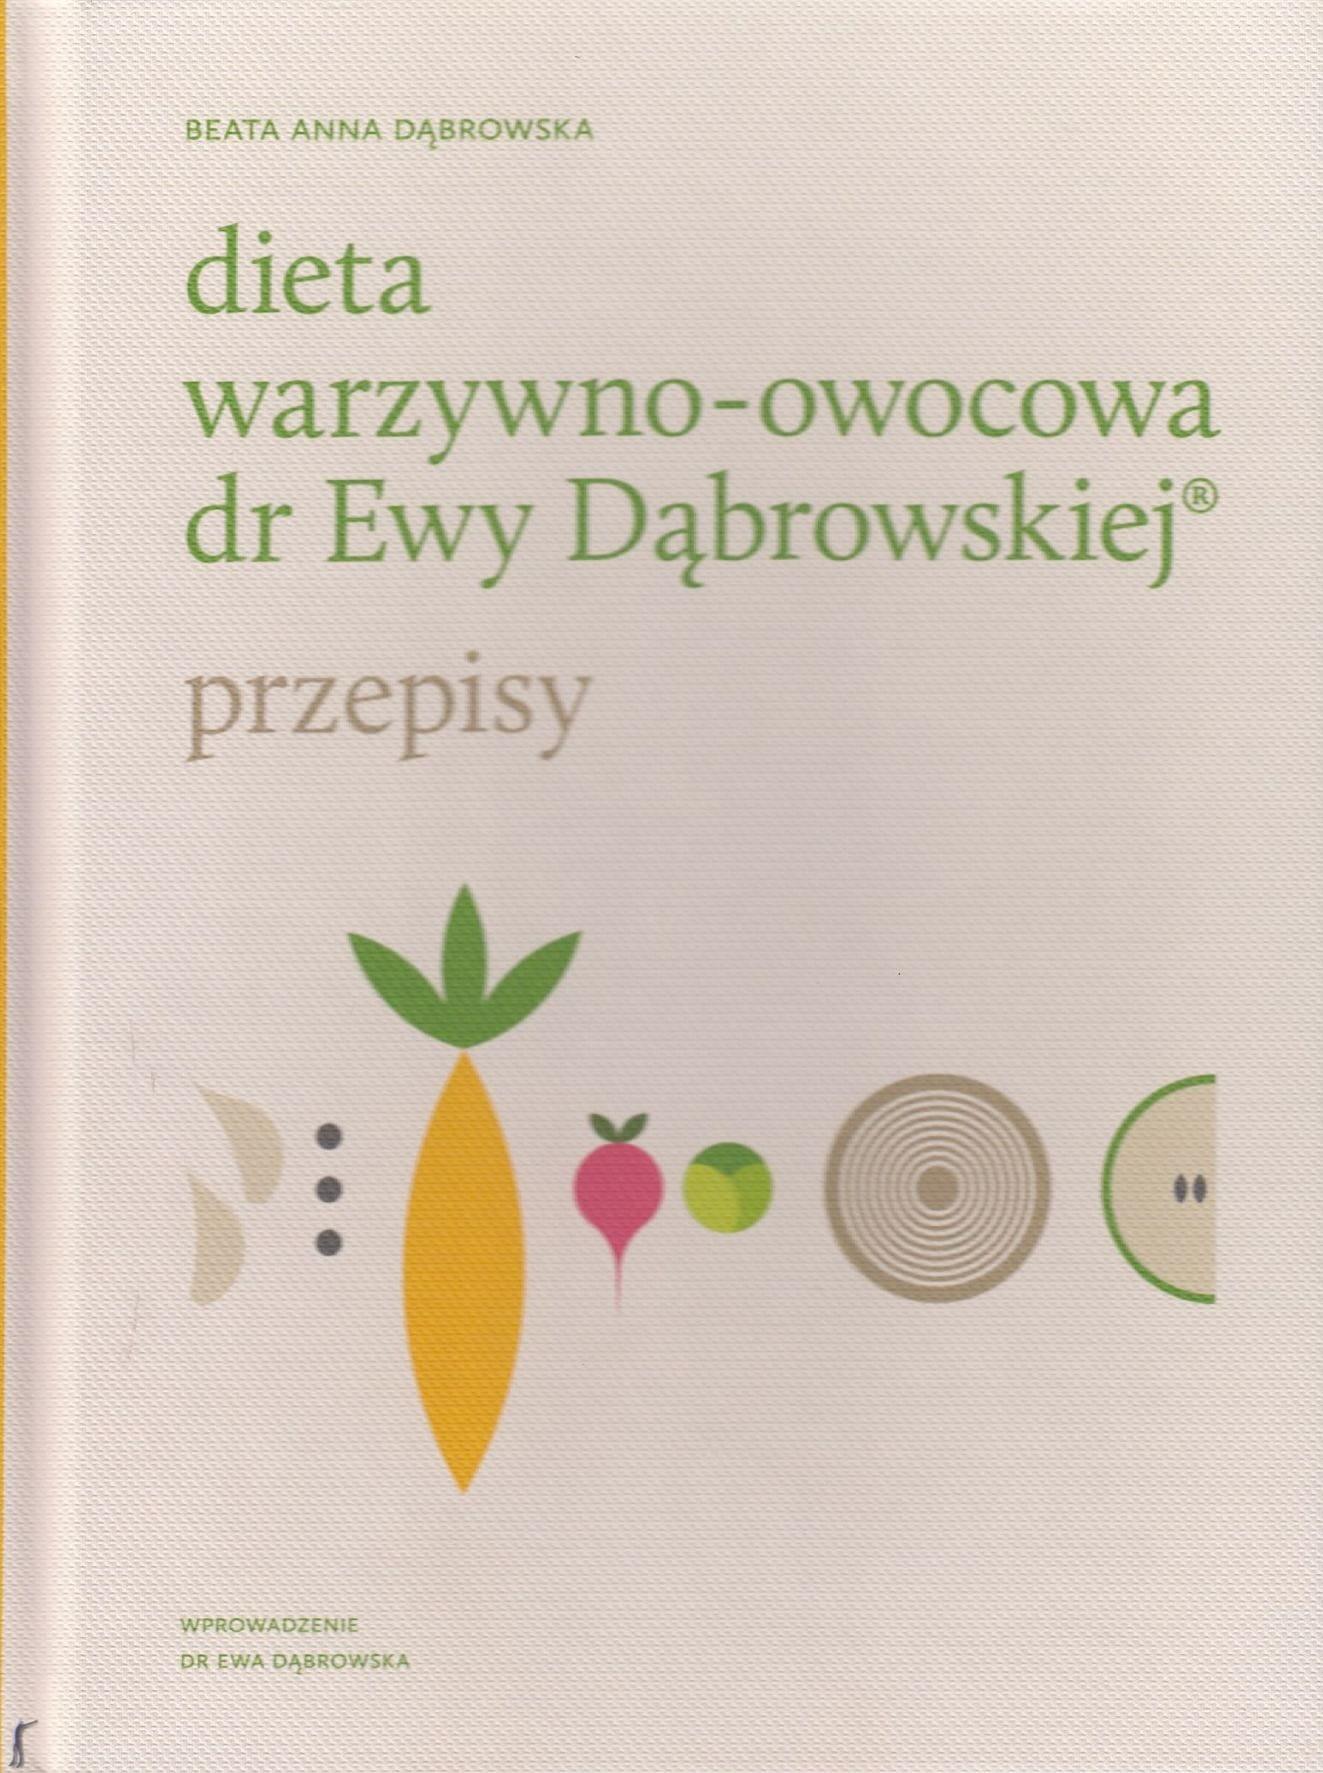 Dieta Warzywno Owocowa Dr Ewy Dabrowskiej Przepisy